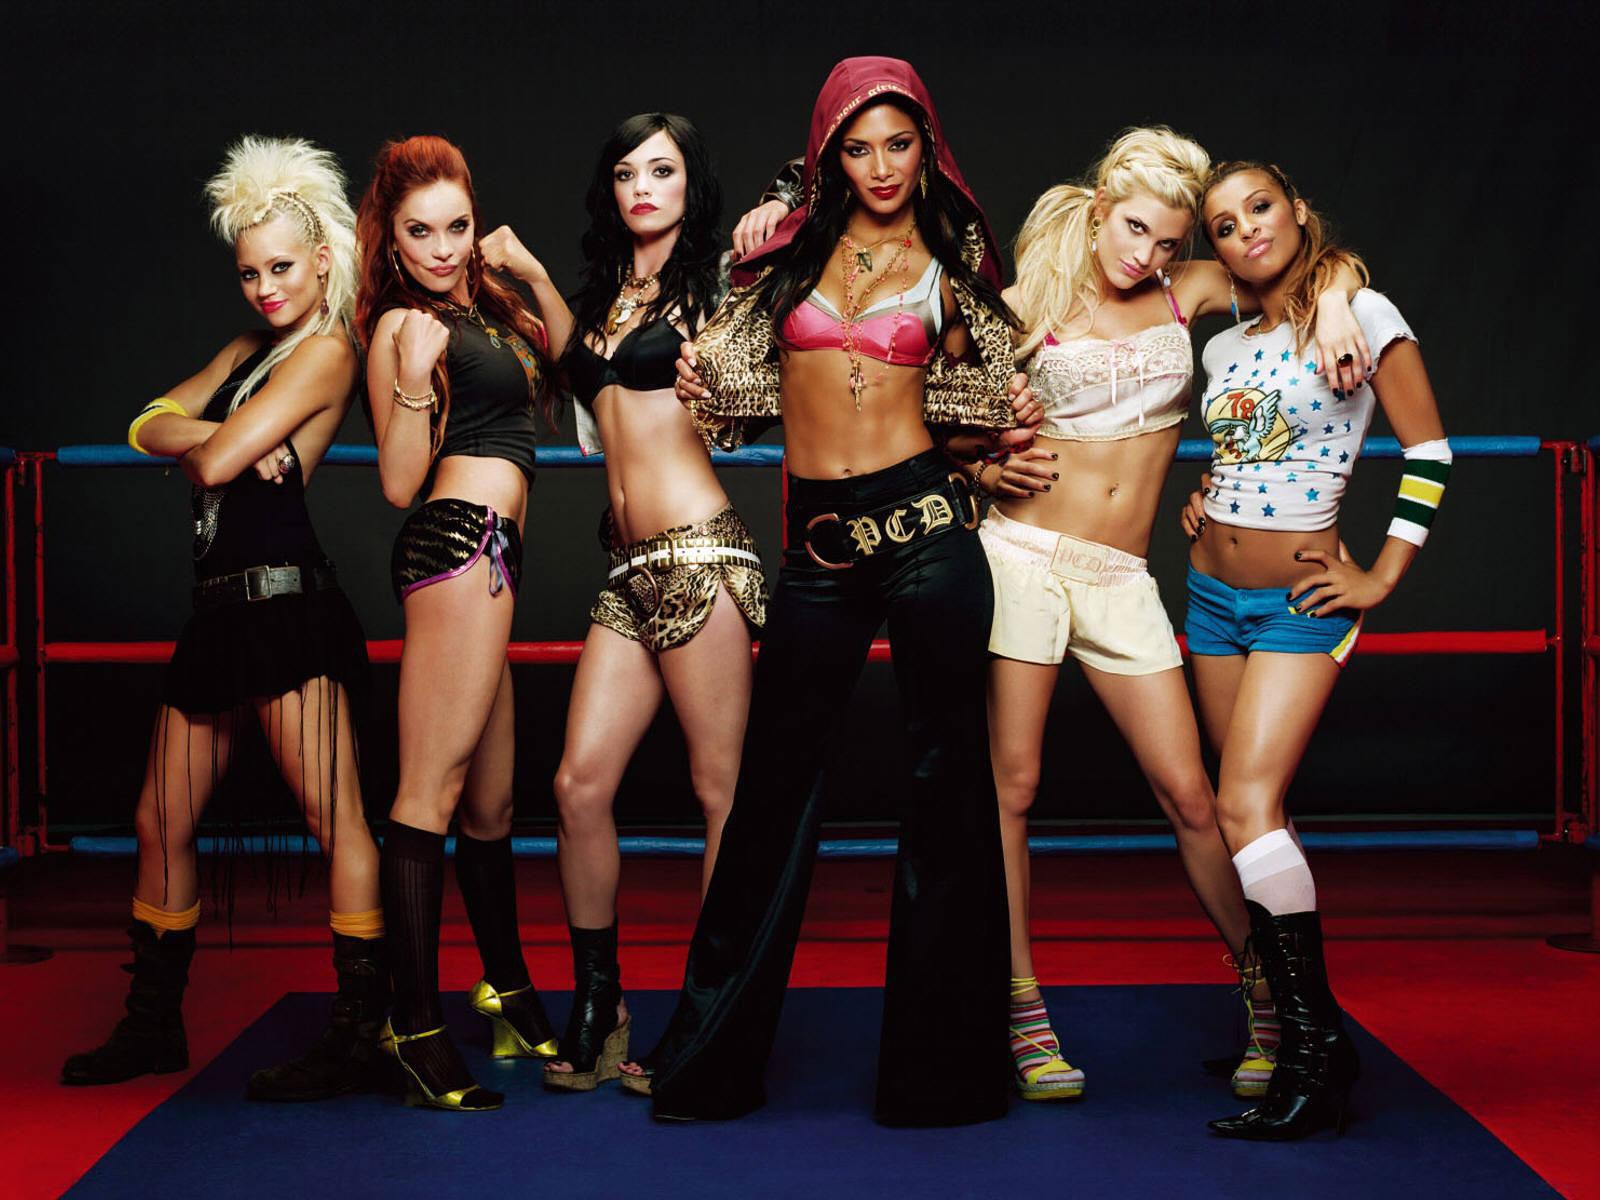 http://2.bp.blogspot.com/-hcugmk7a14U/T3immP__2aI/AAAAAAAAAGk/HeiFCK1kDPY/s1600/Pussycat_Dolls_-_American_pop_girl_group,_Pop,_R_and_B,_dance_pop.jpg